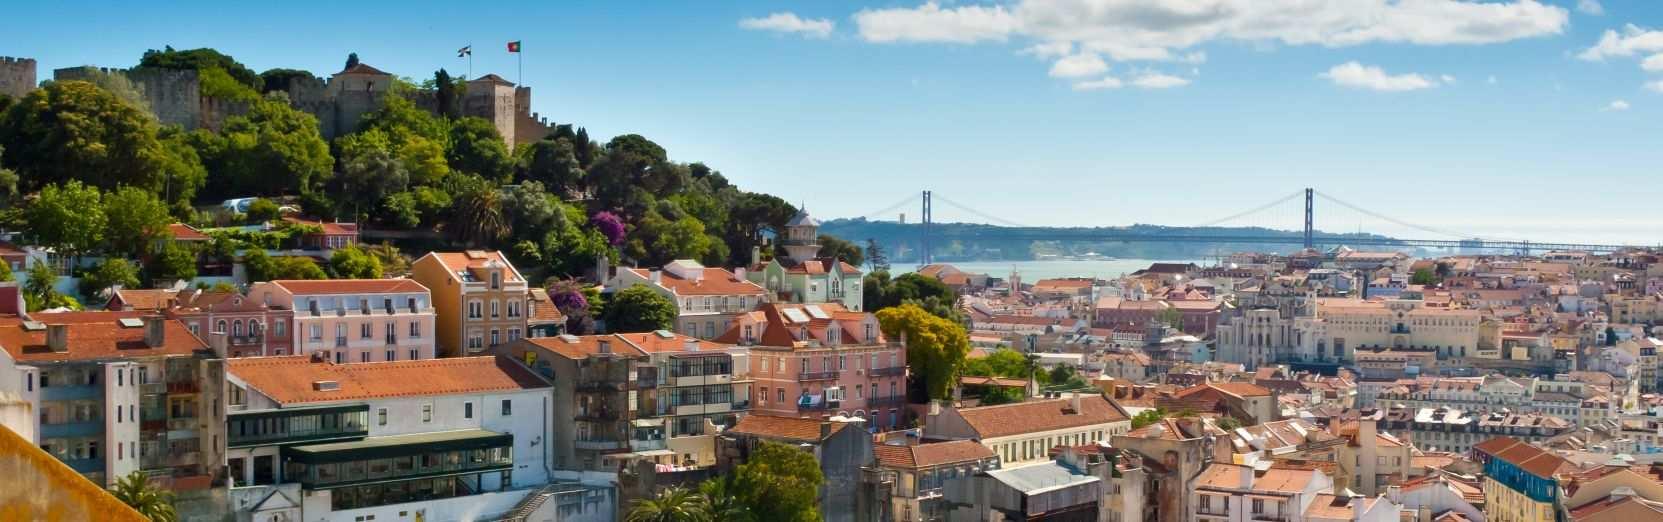 portugal auf einer rundreise entdecken sunny cars. Black Bedroom Furniture Sets. Home Design Ideas